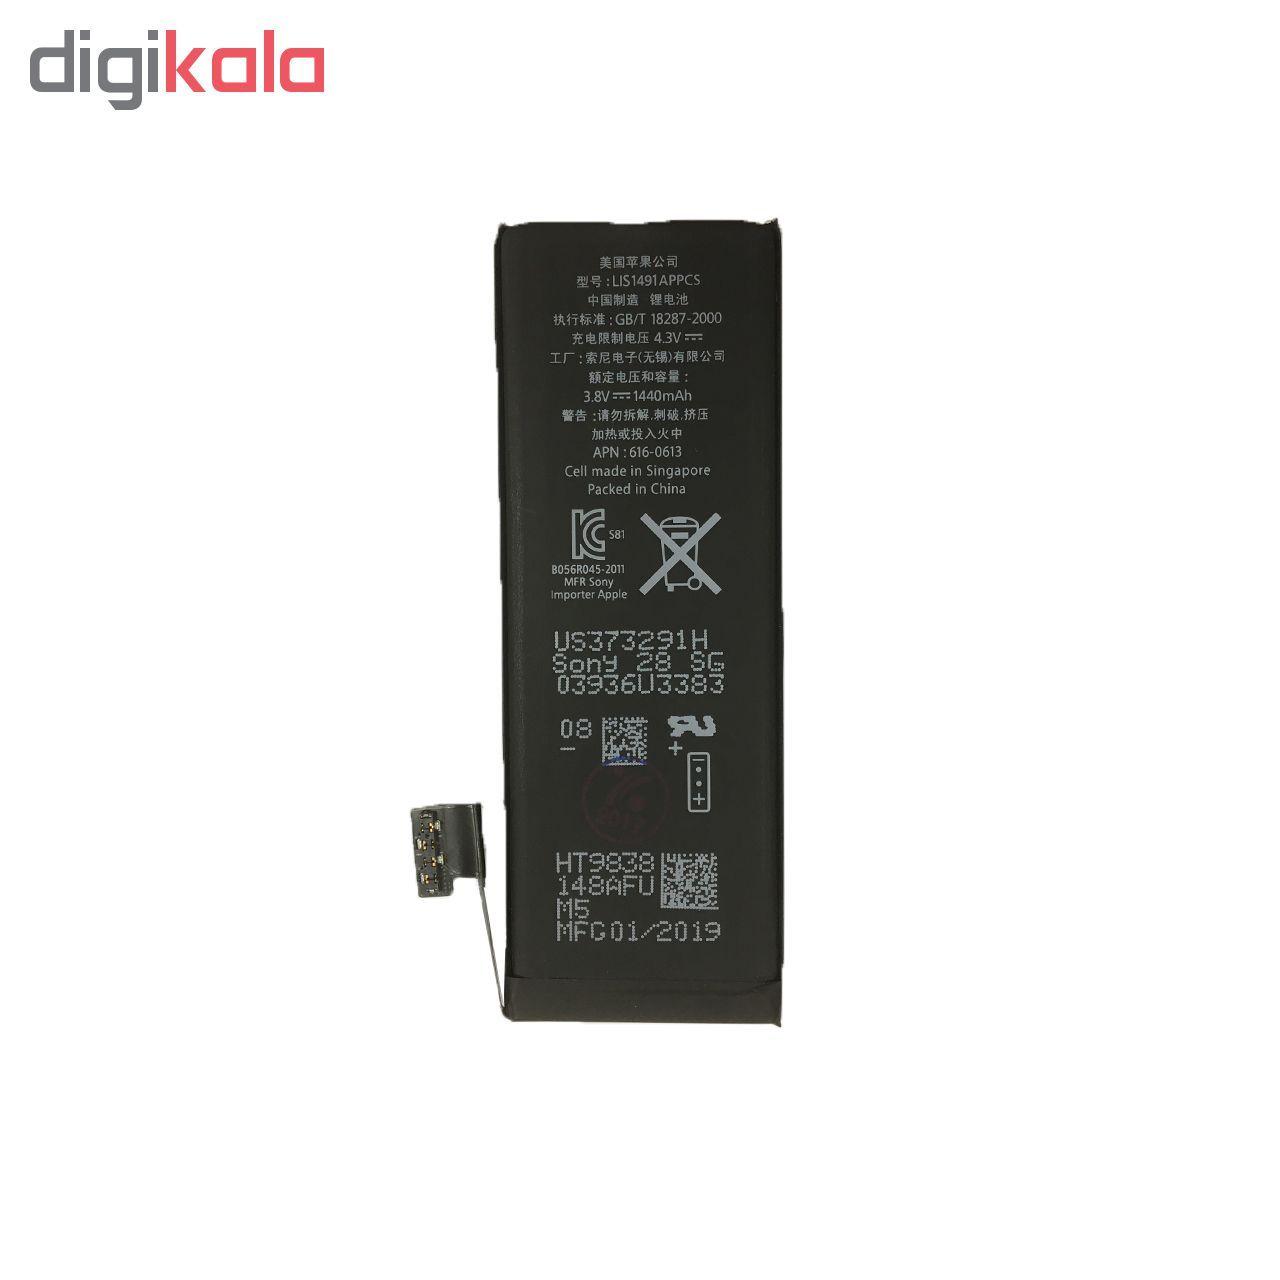 باتری موبایل مدل APN 616-0728 ظرفیت 1560 میلی آمپر ساعت مناسب برای گوشی موبایل اپل Iphone 5s main 1 2